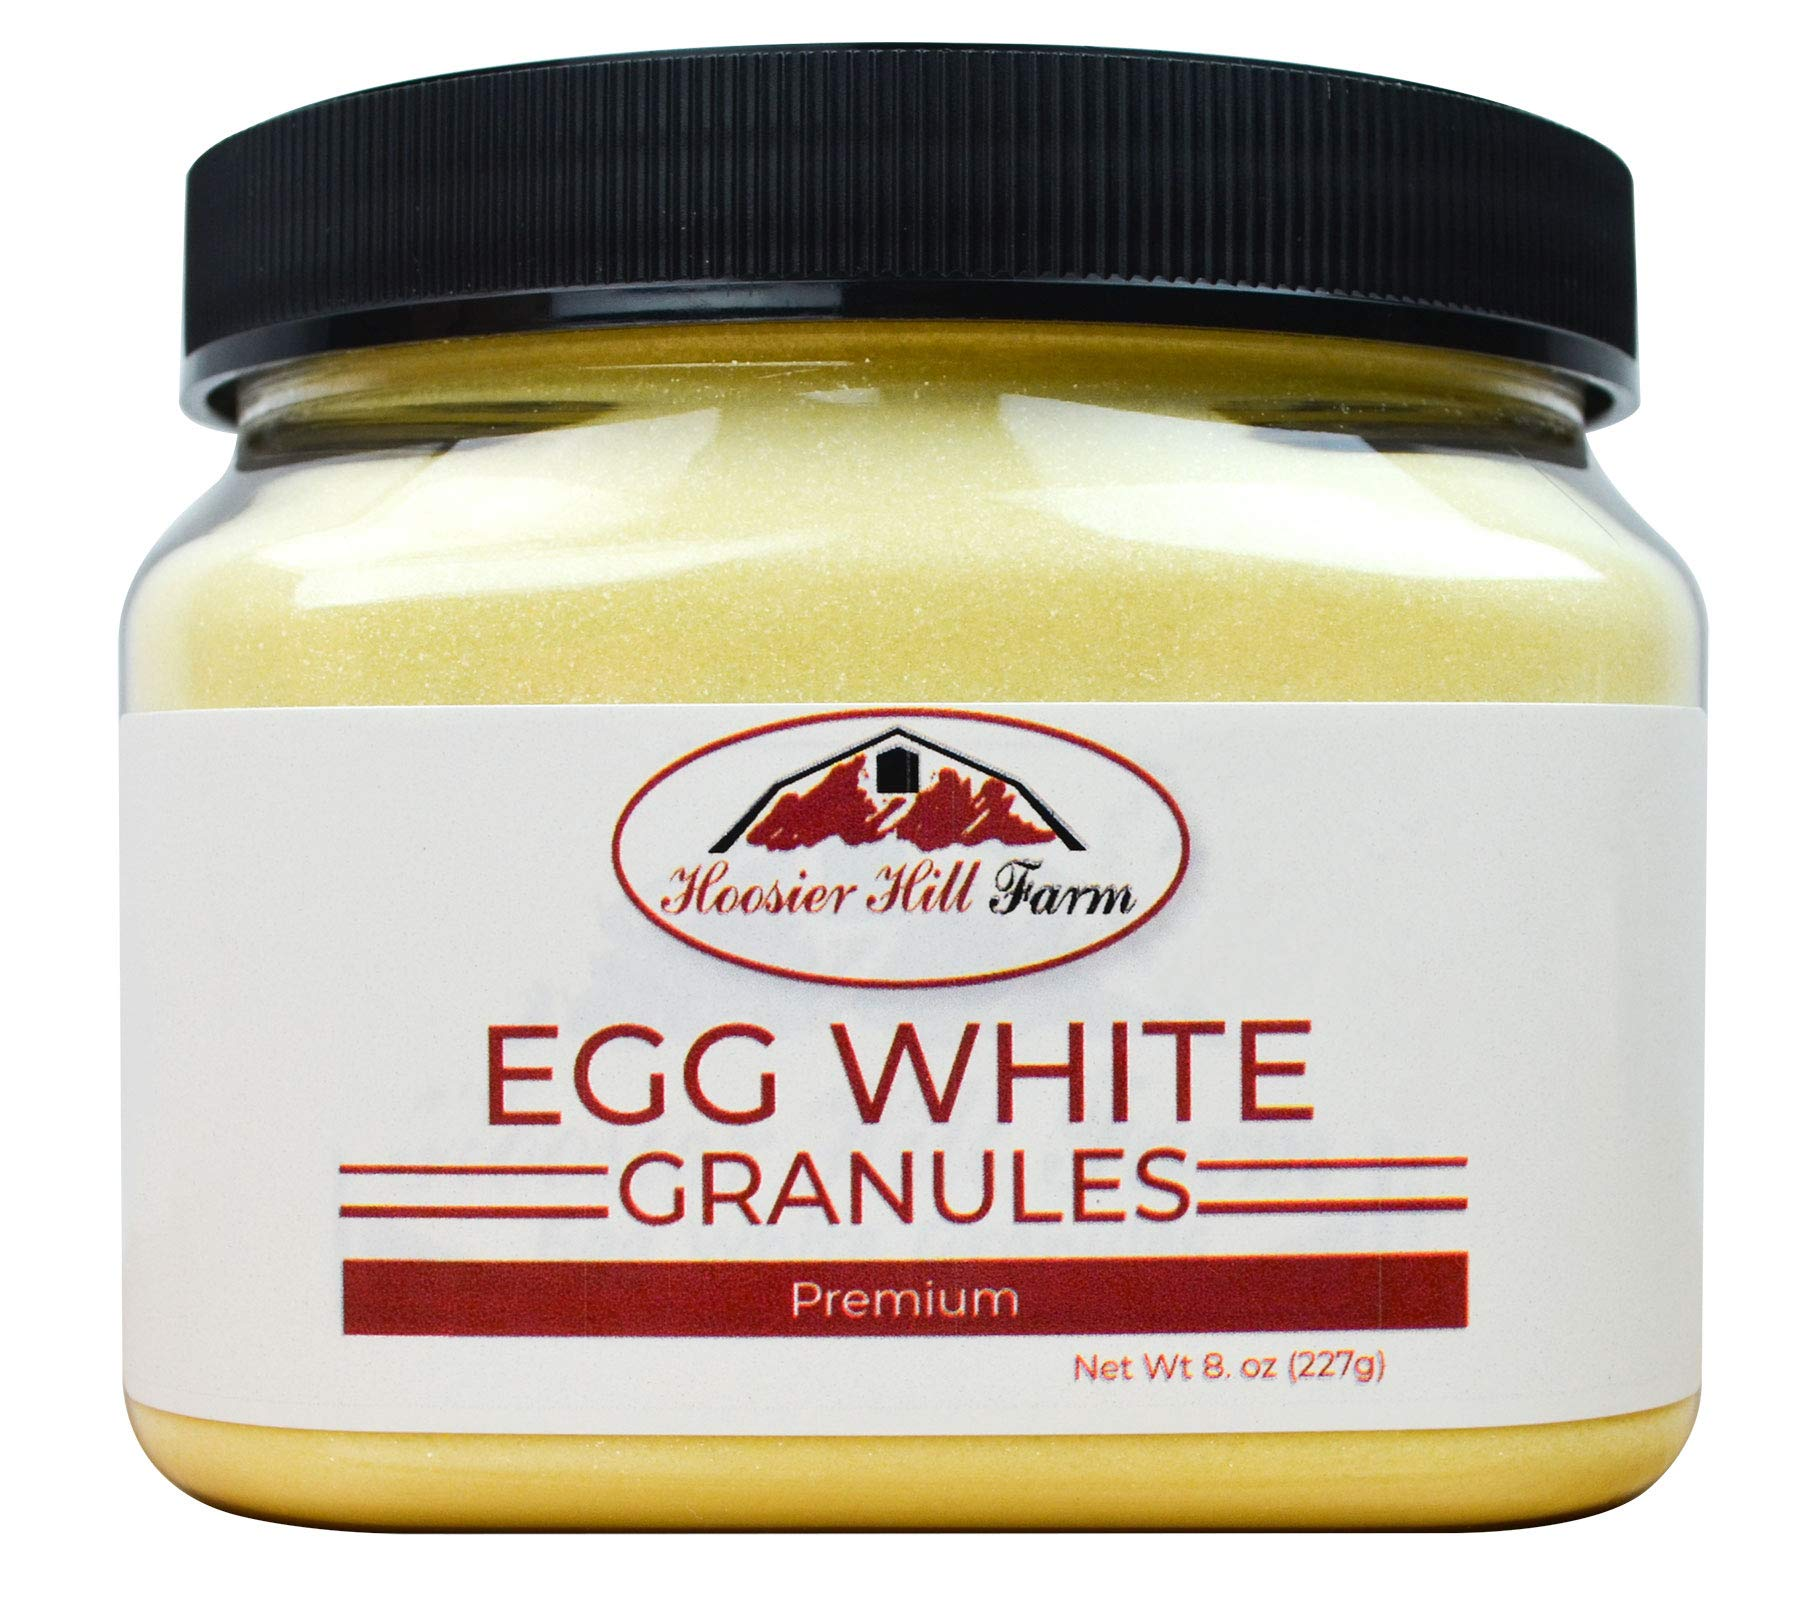 Hoosier Hill Farm Egg White Granules 8oz. Jar